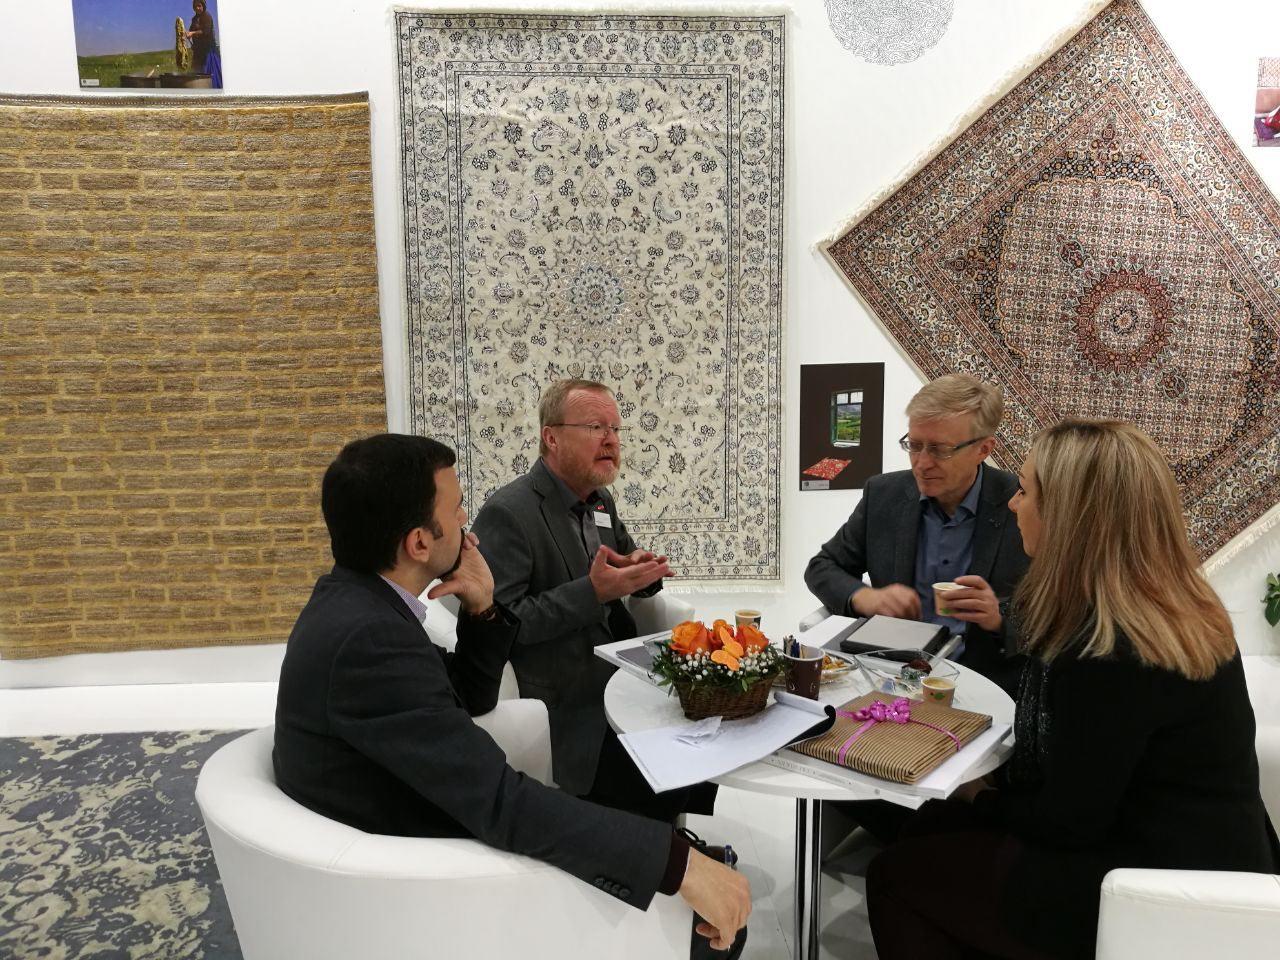 نخستین حضور رسمی ایران در نمایشگاه مبلمان و دکوراسیون کلن       imm2018